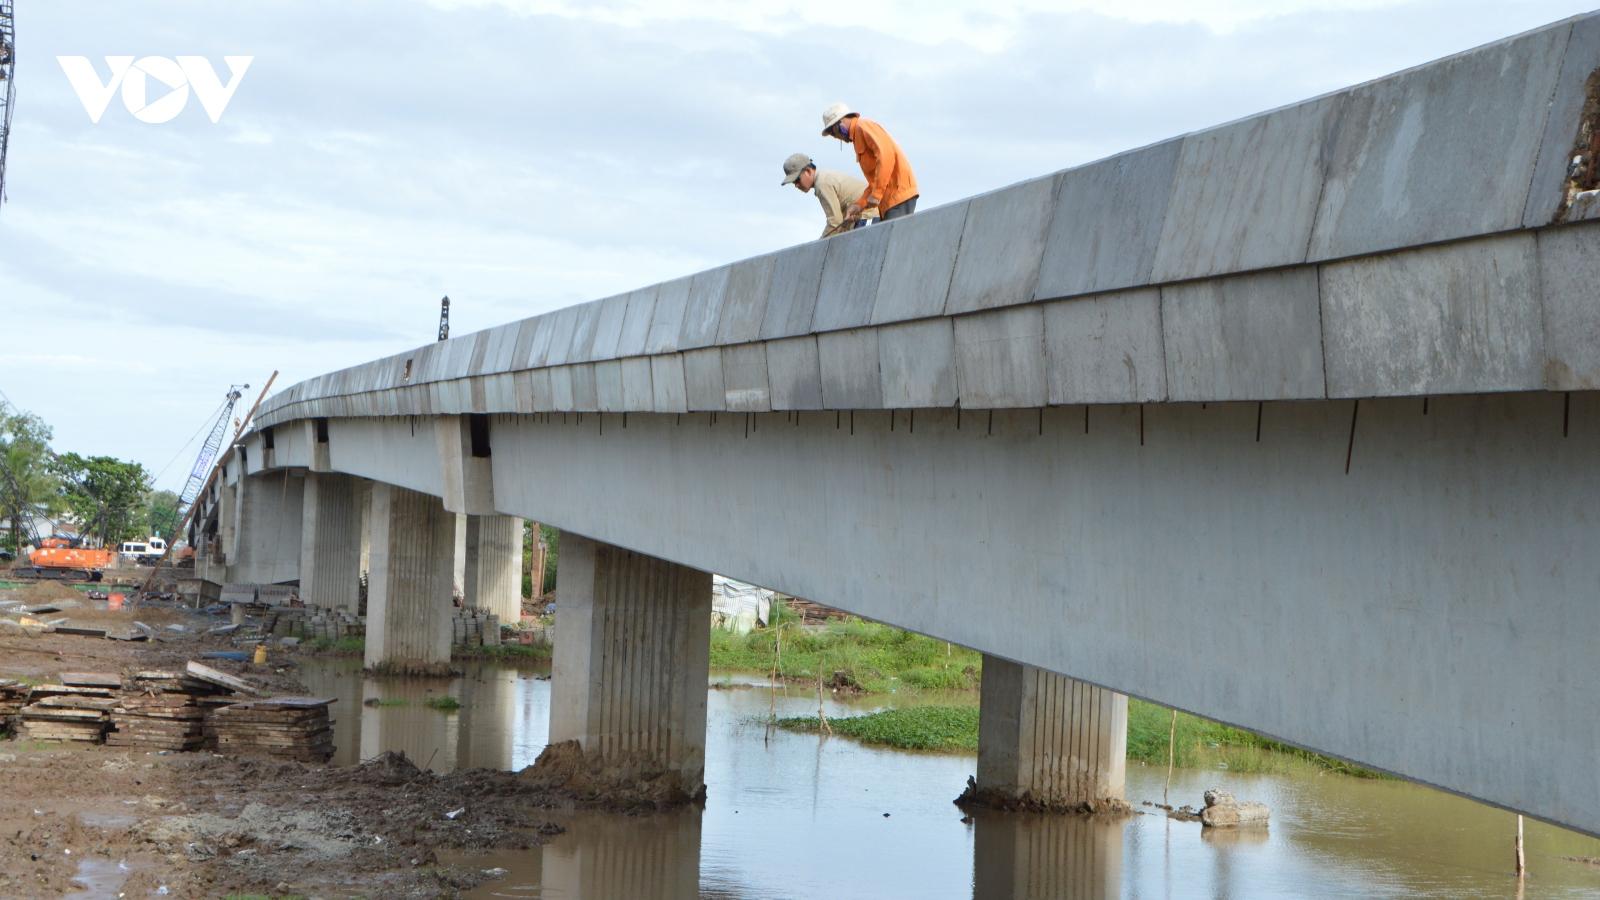 Hợp long cầu Mạc Đĩnh Chi kết nối TP Sóc Trăng với huyện Trần Đề